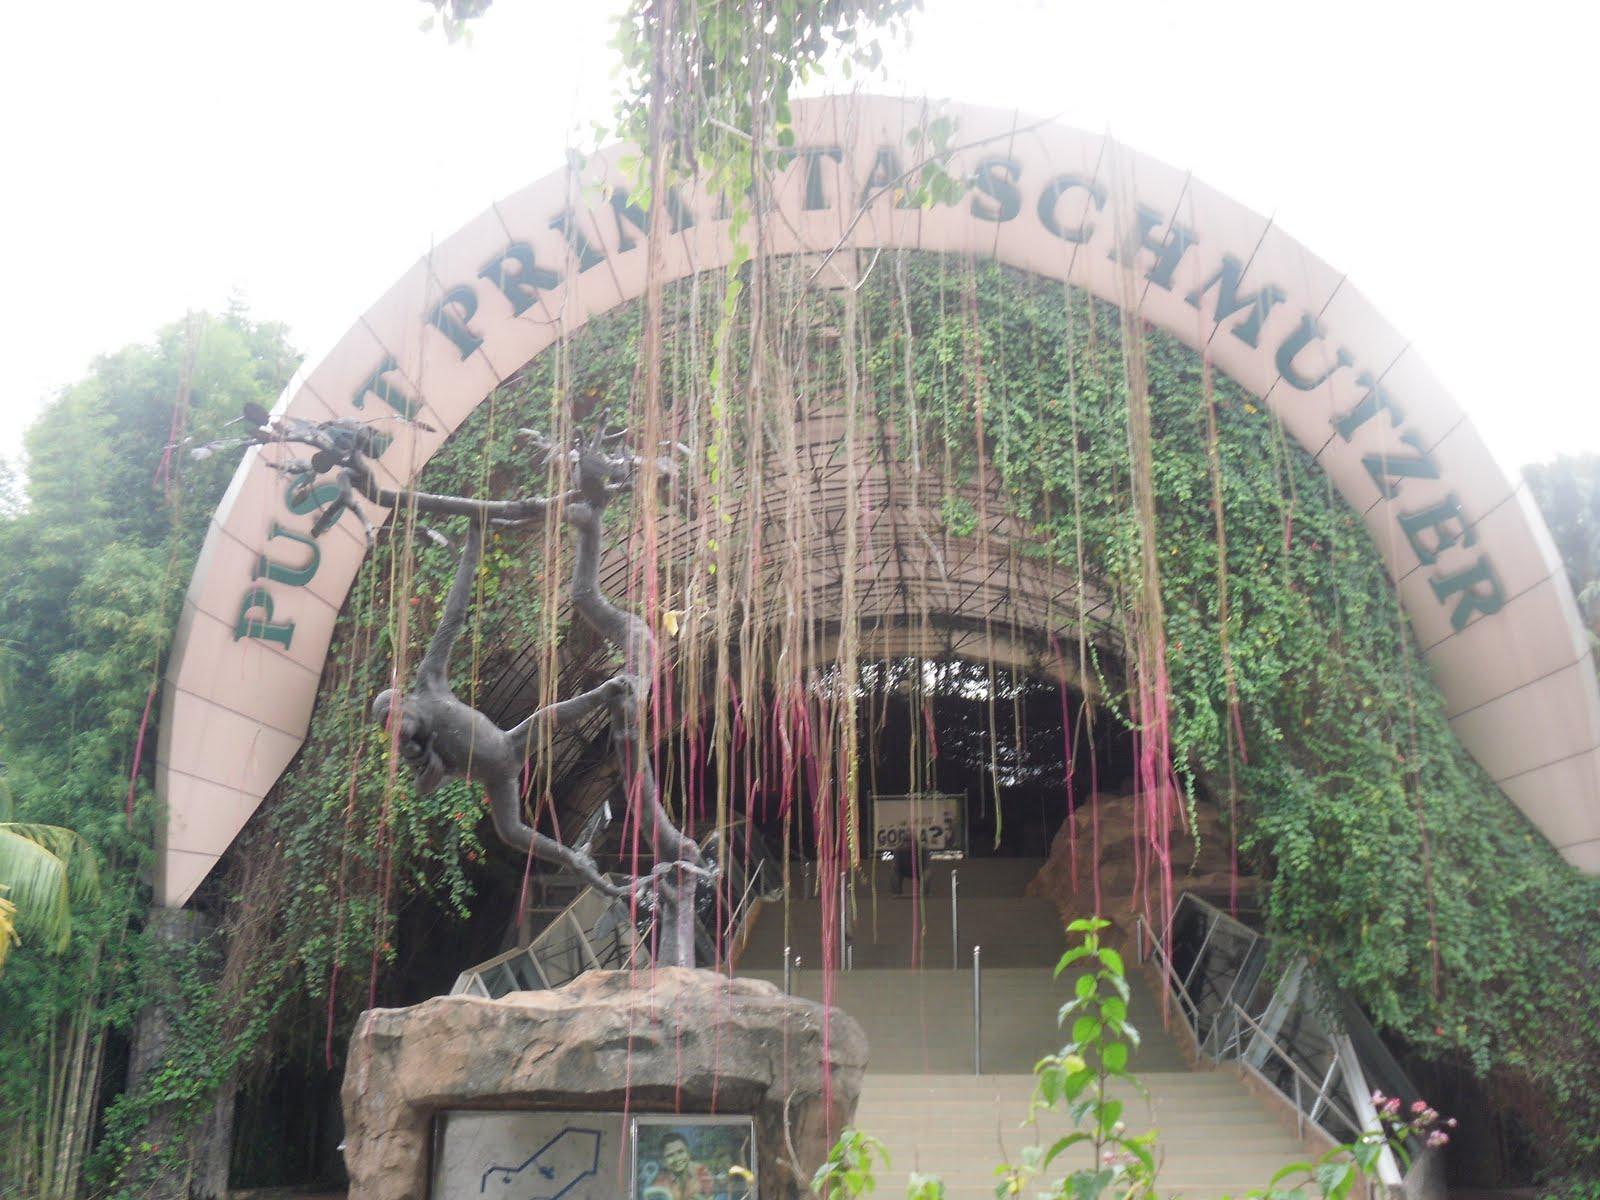 Neria Life Kebun Binatang Ragunan Kota Administrasi Jakarta Selatan